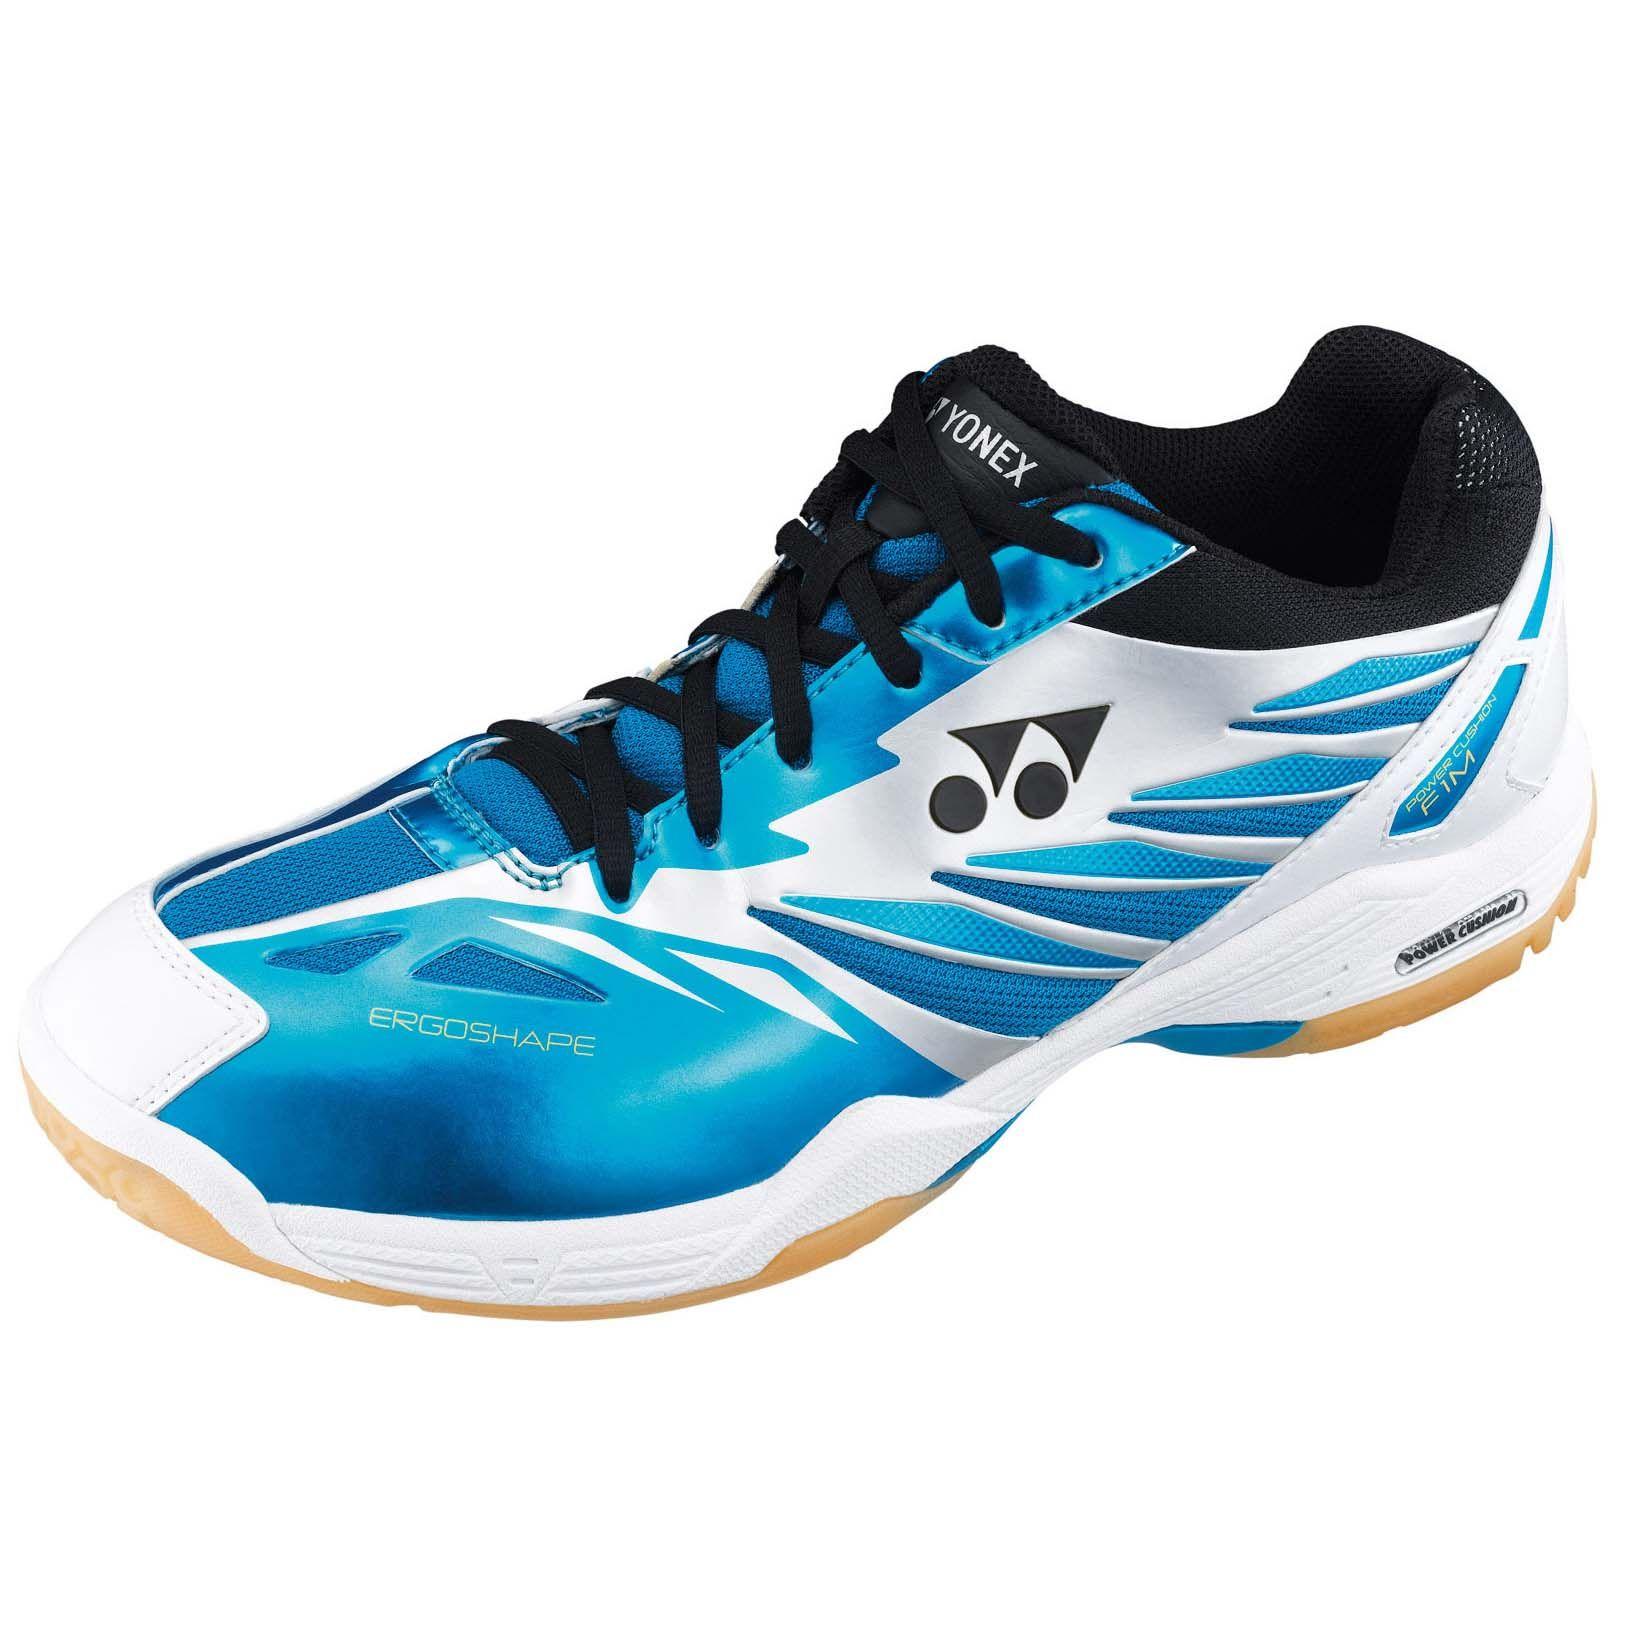 Yonex Tennis Racket >> Yonex SHB-F1MX Mens Badminton Shoes - Sweatband.com